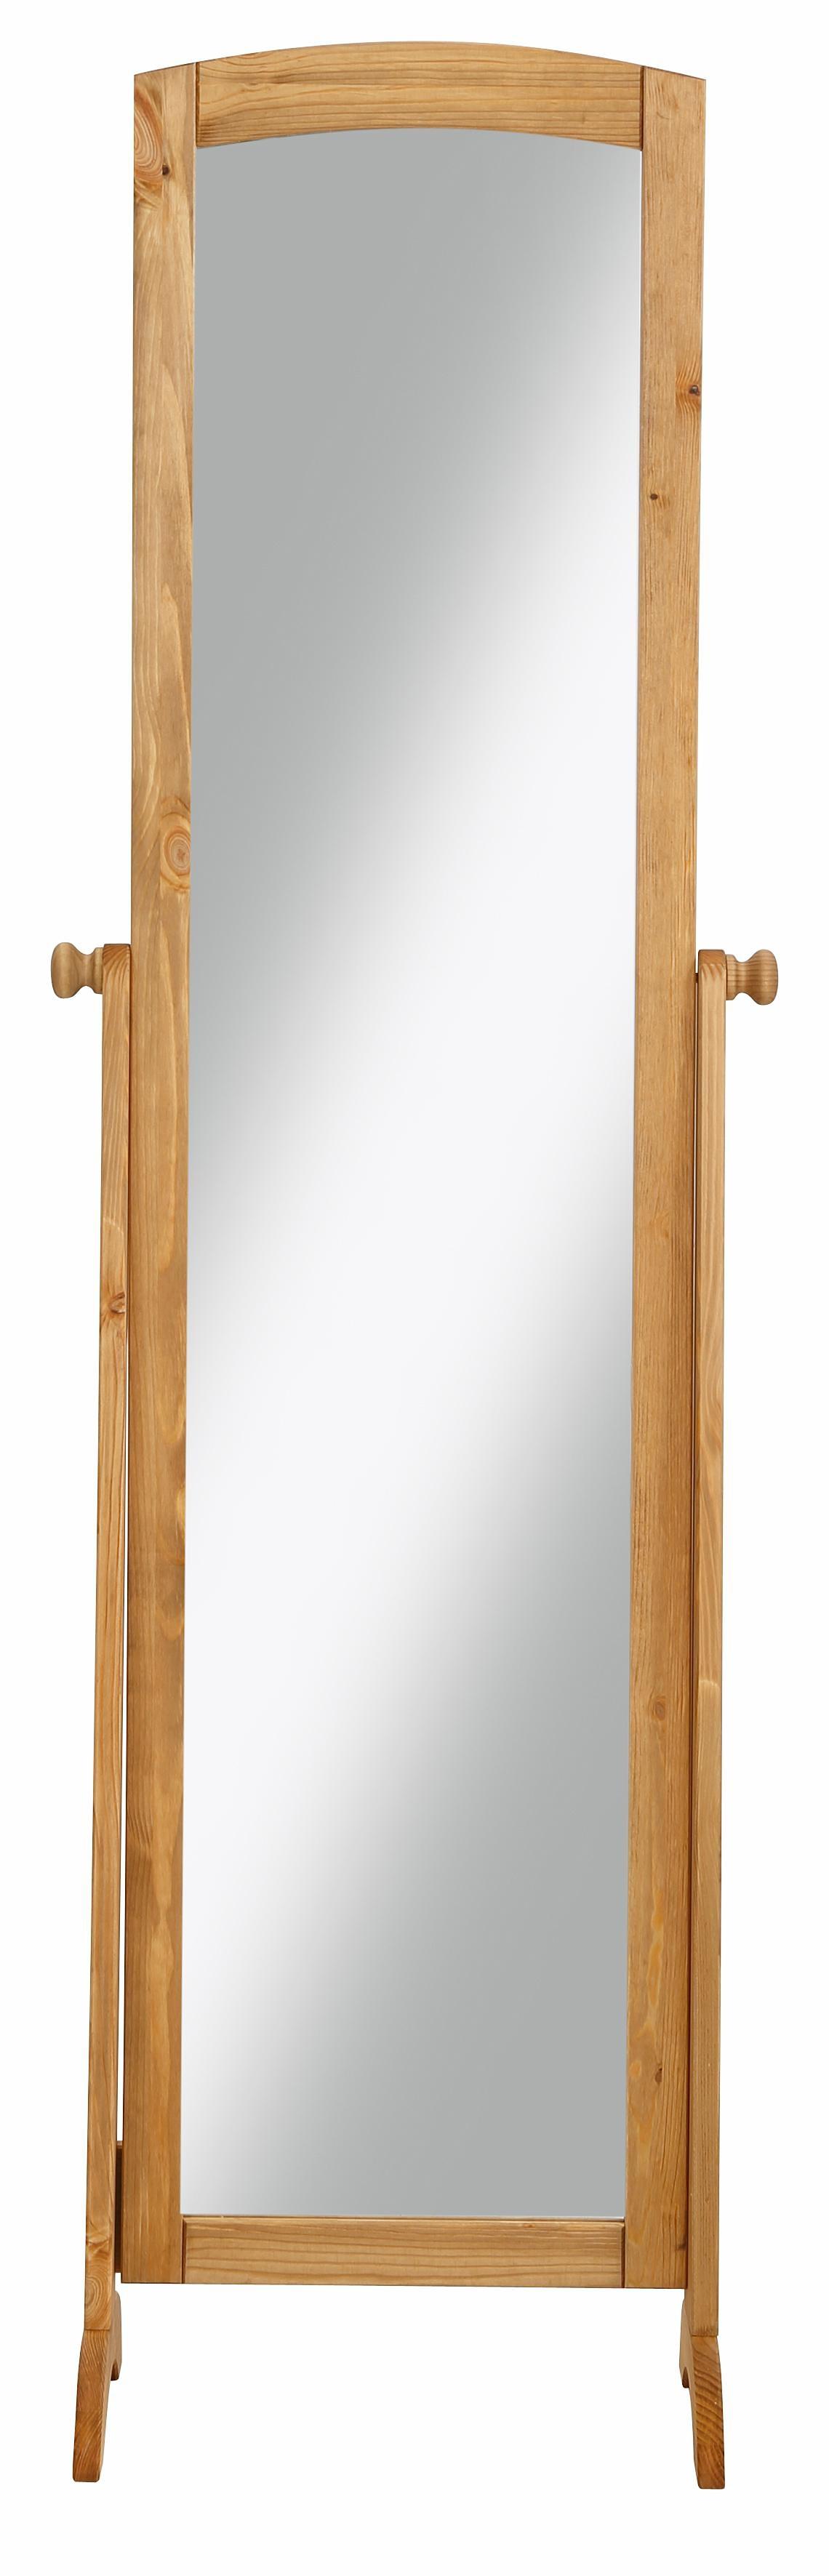 Home affaire staande spiegel melody nu online bestellen otto for Spiegel boven bed